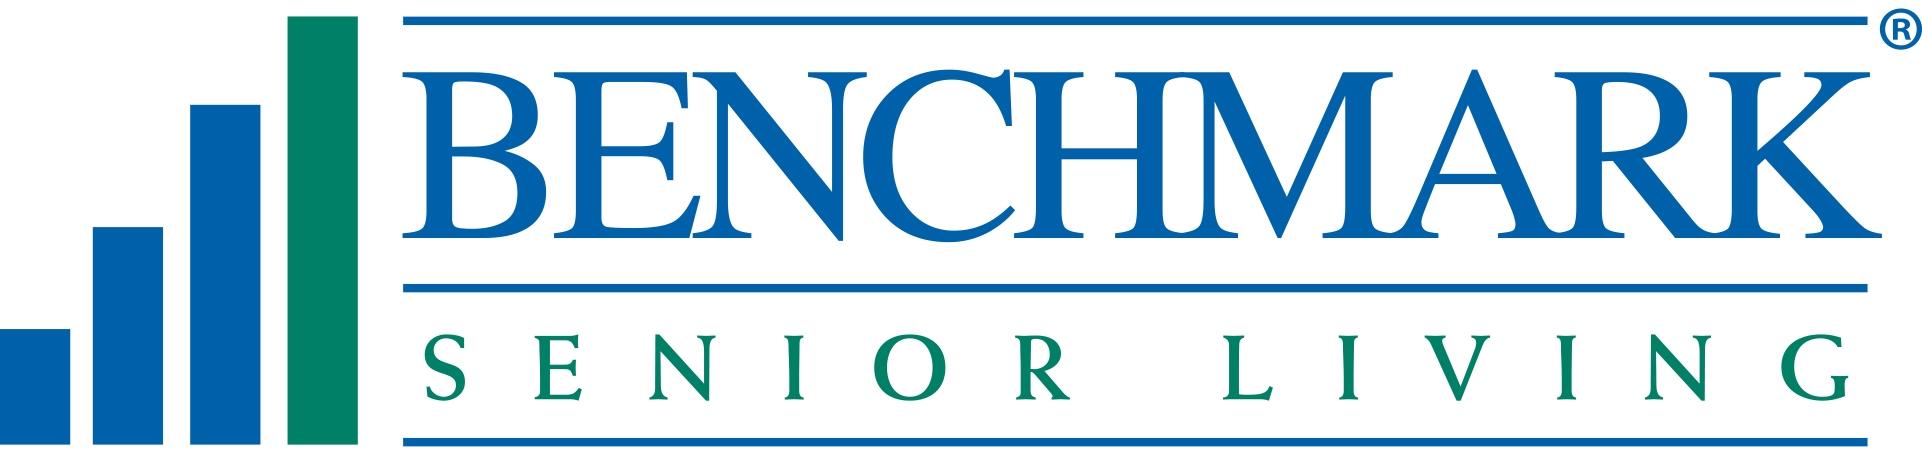 Benchmark Senior Living logo